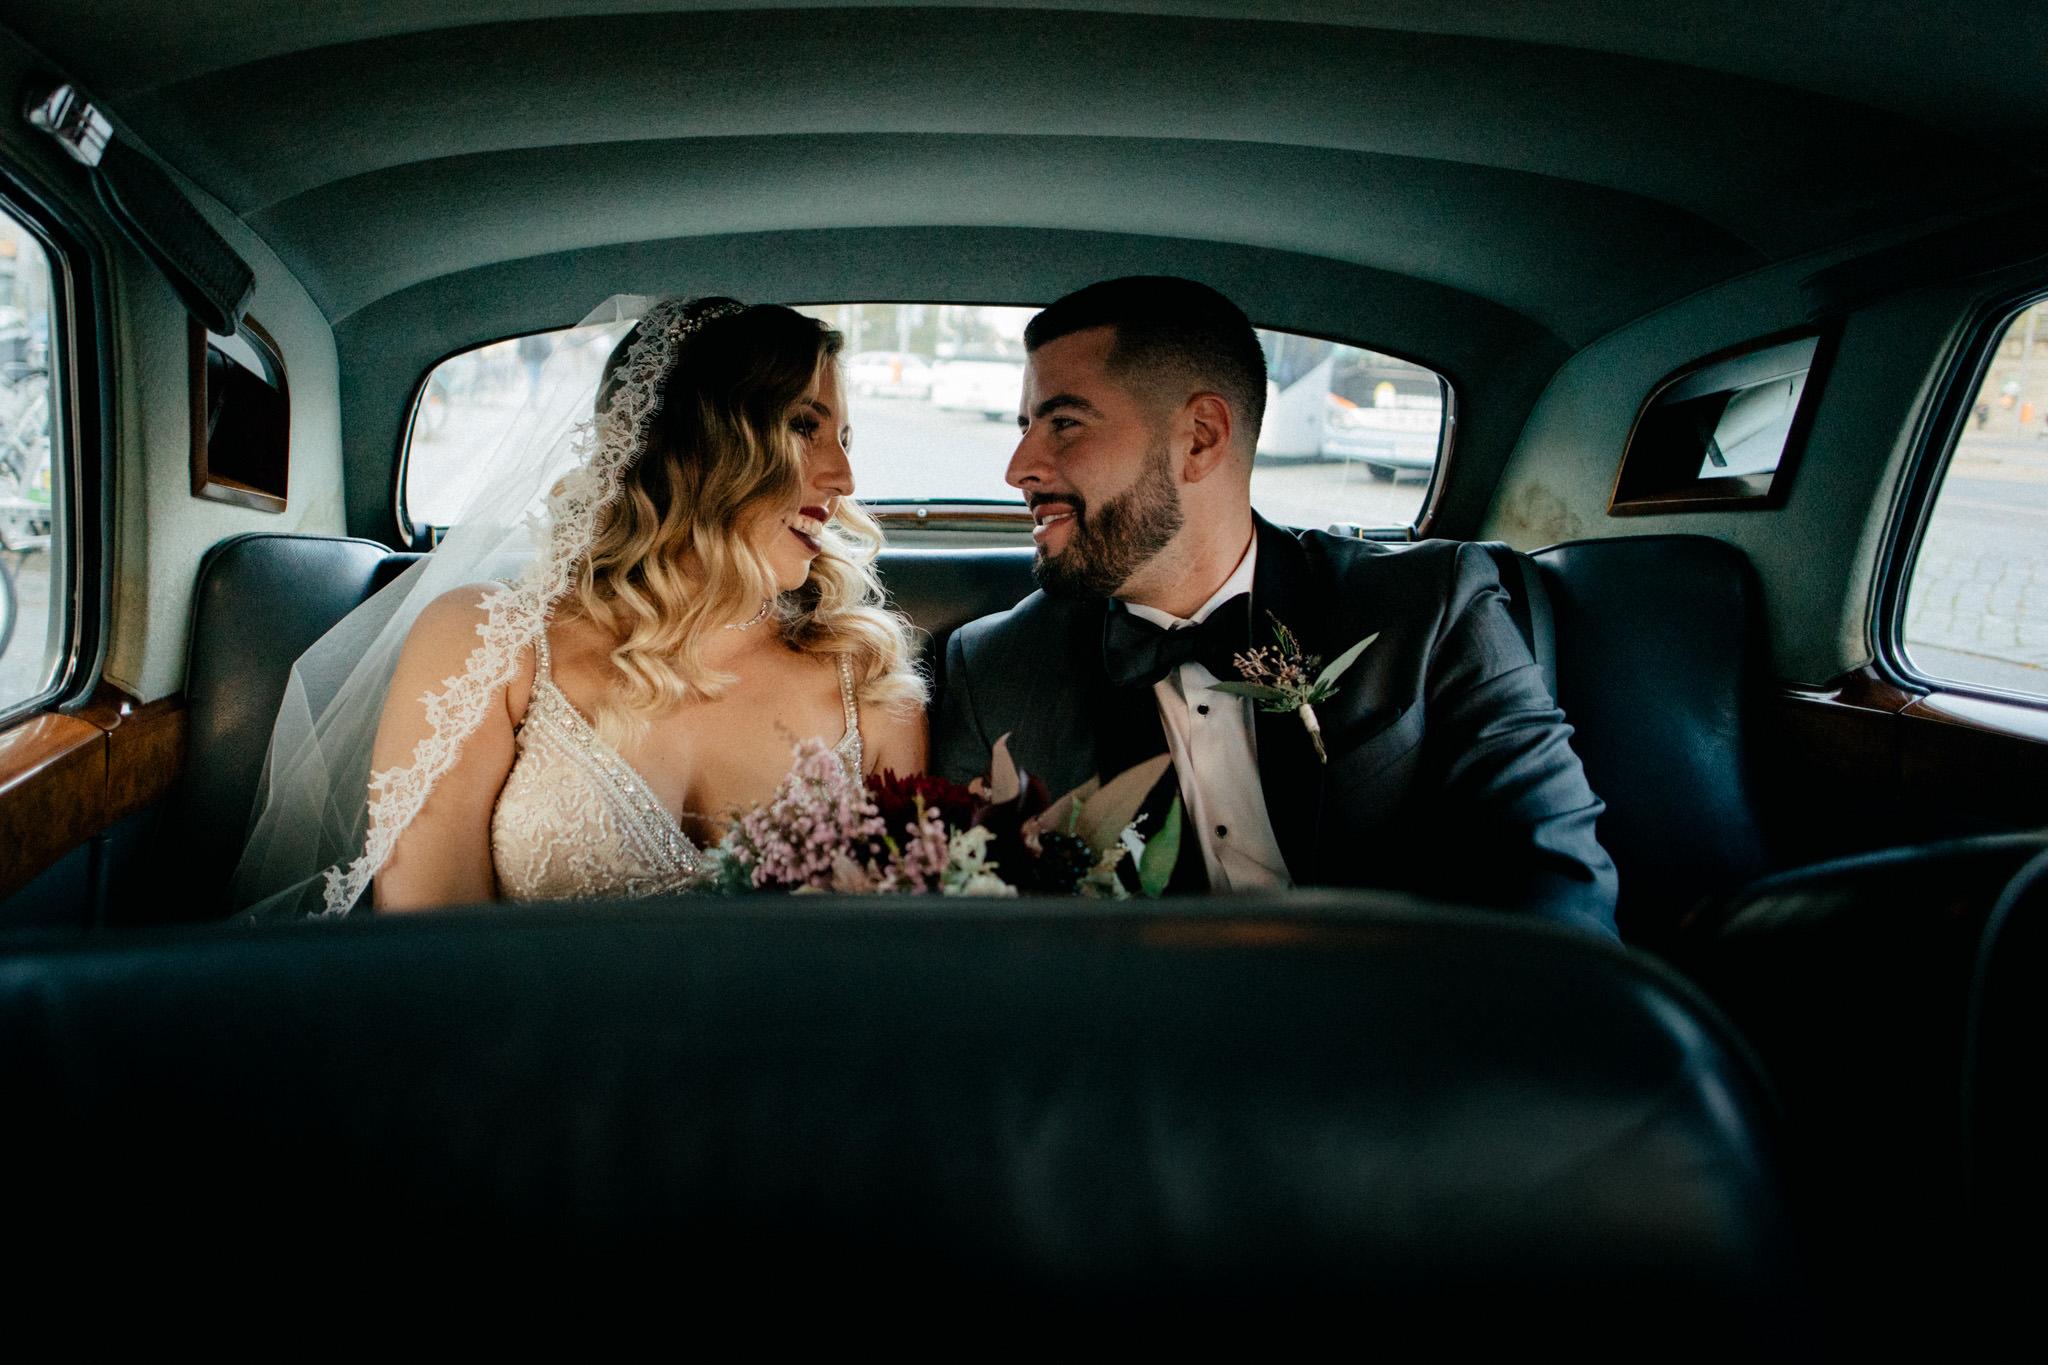 Vogelarzt berlin wedding